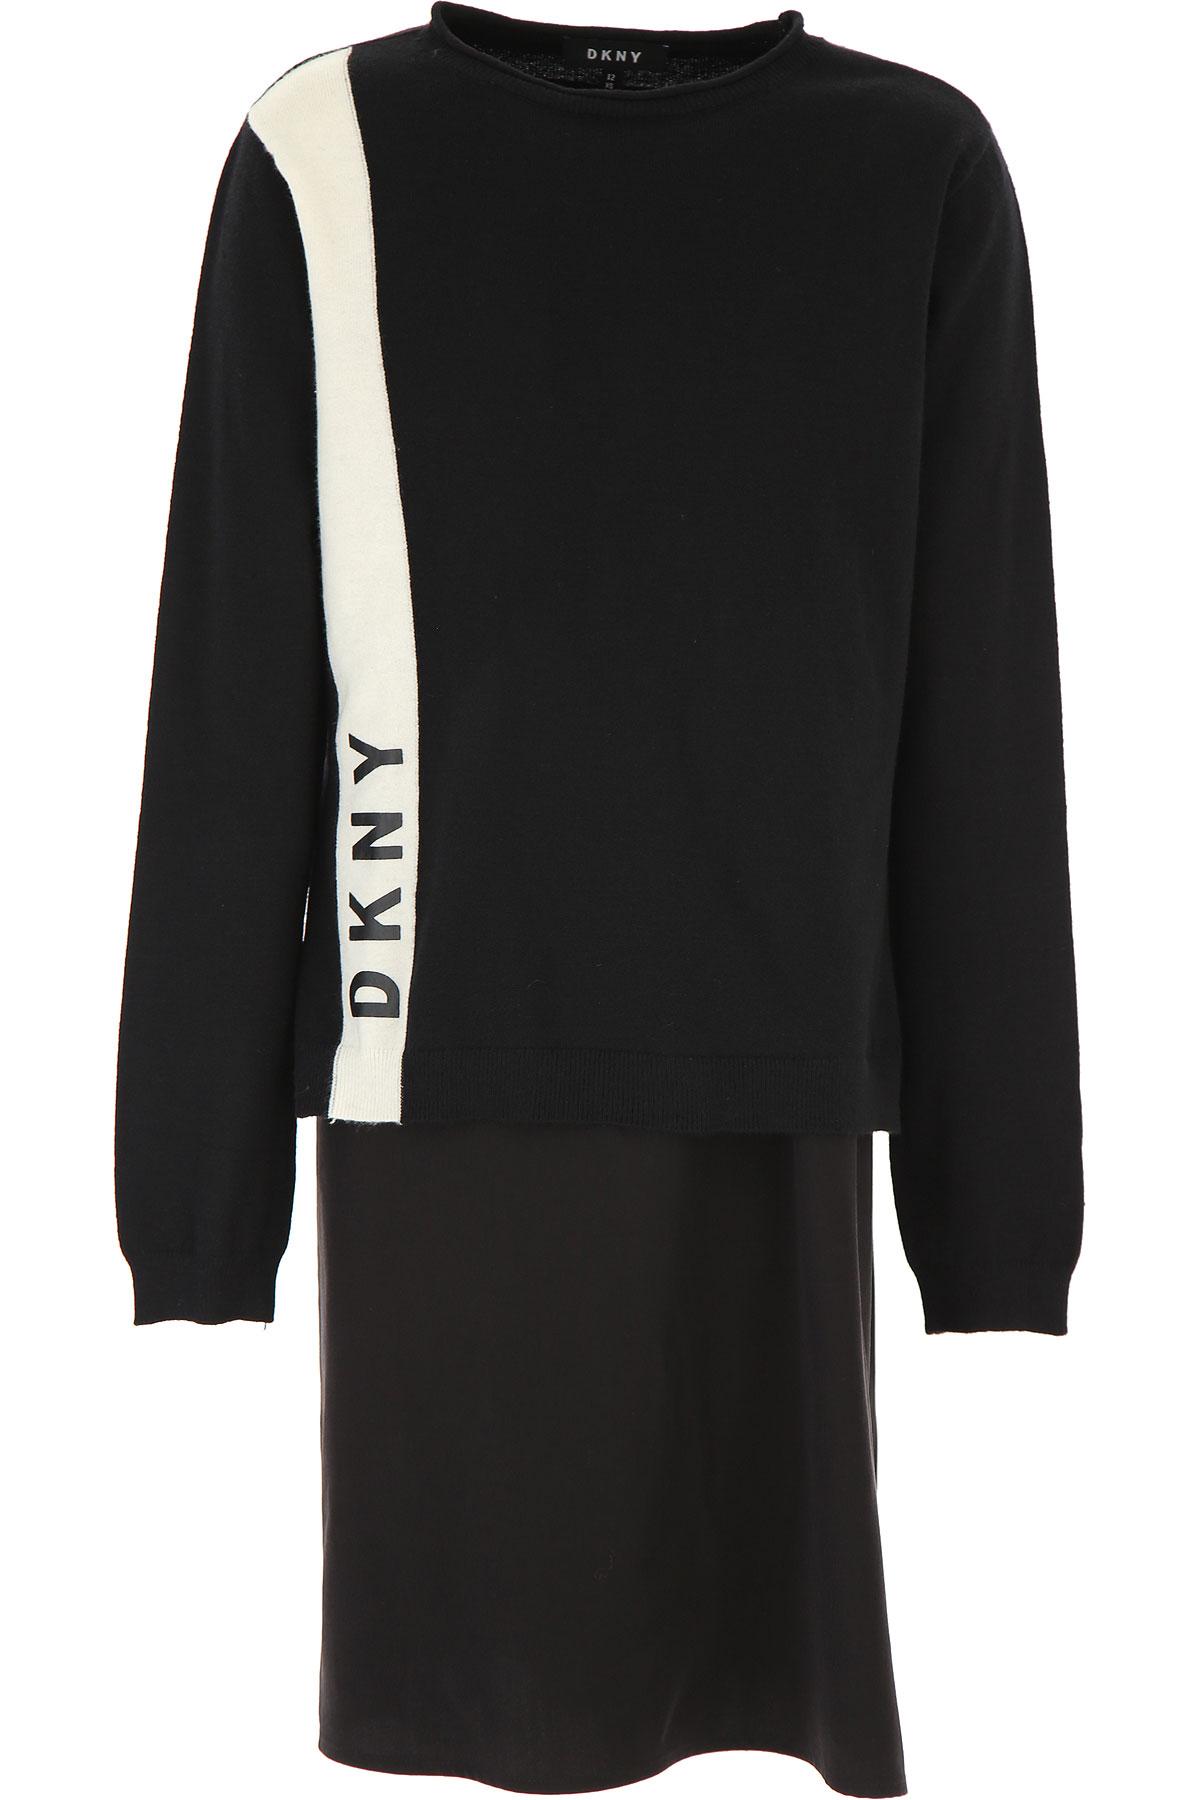 DKNY Girls Dress On Sale, Black, viscosa, 2019, 10Y 14Y 16Y 8Y